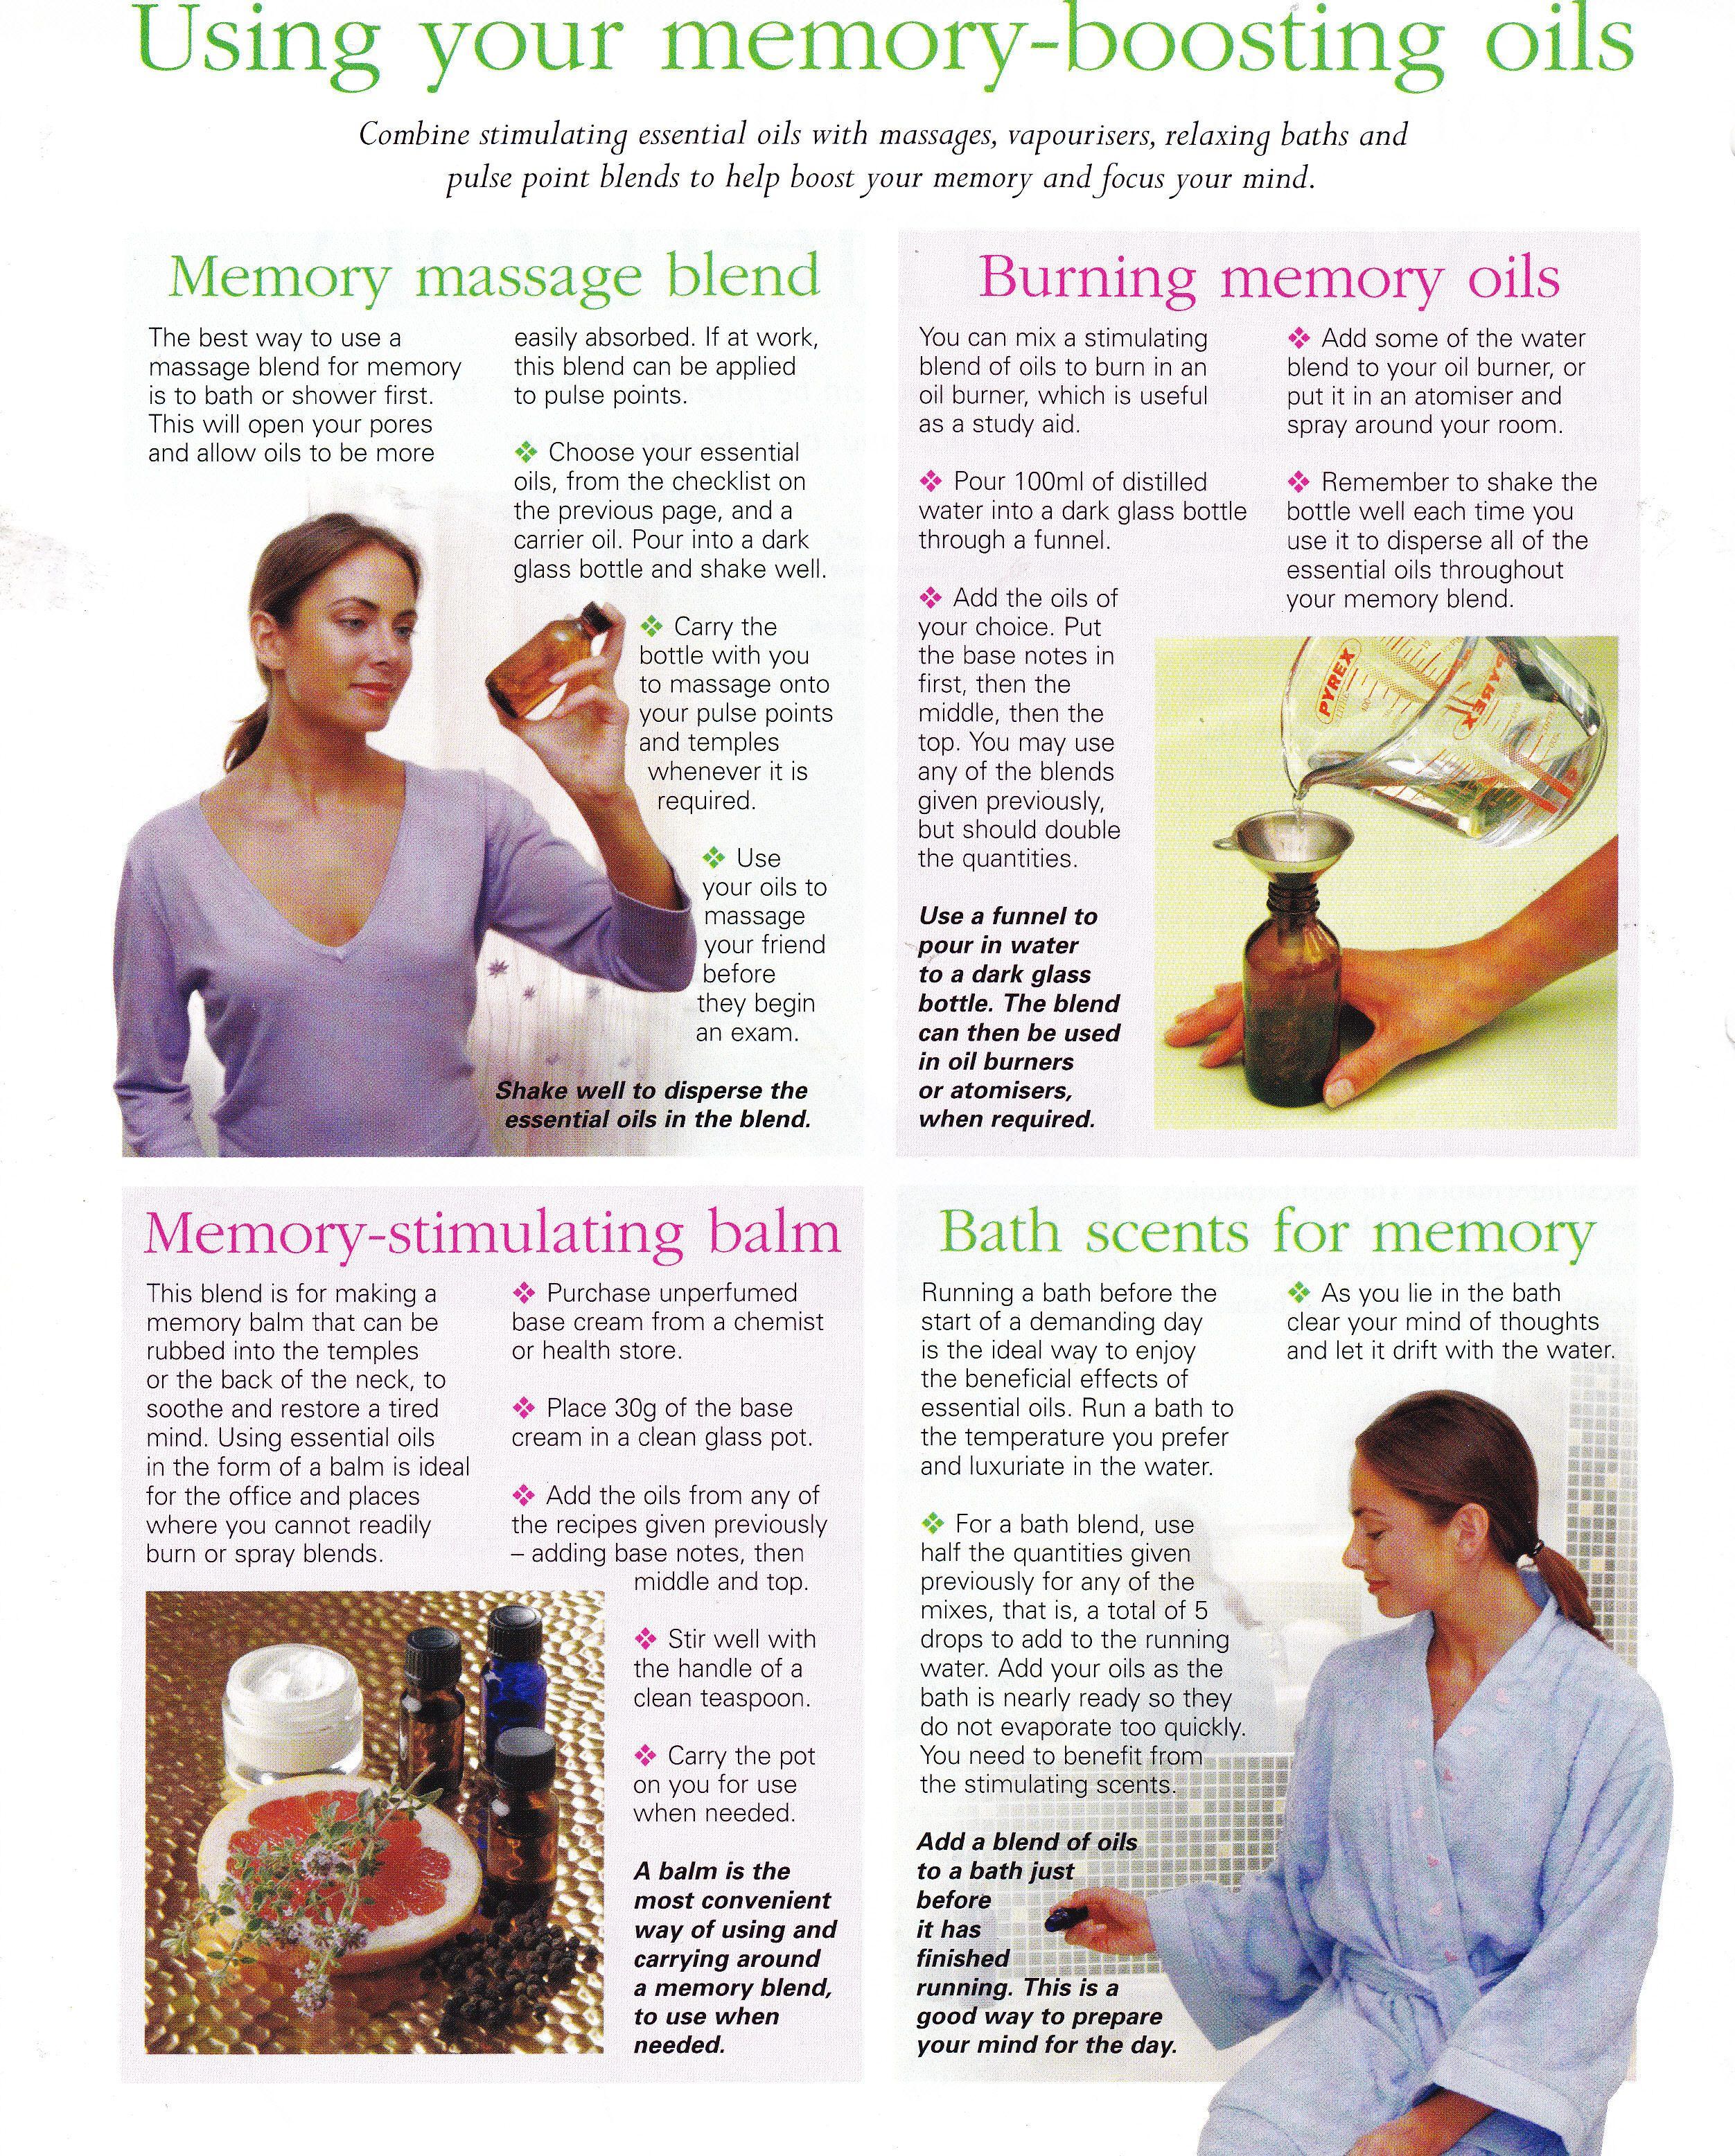 Memory boosting oil